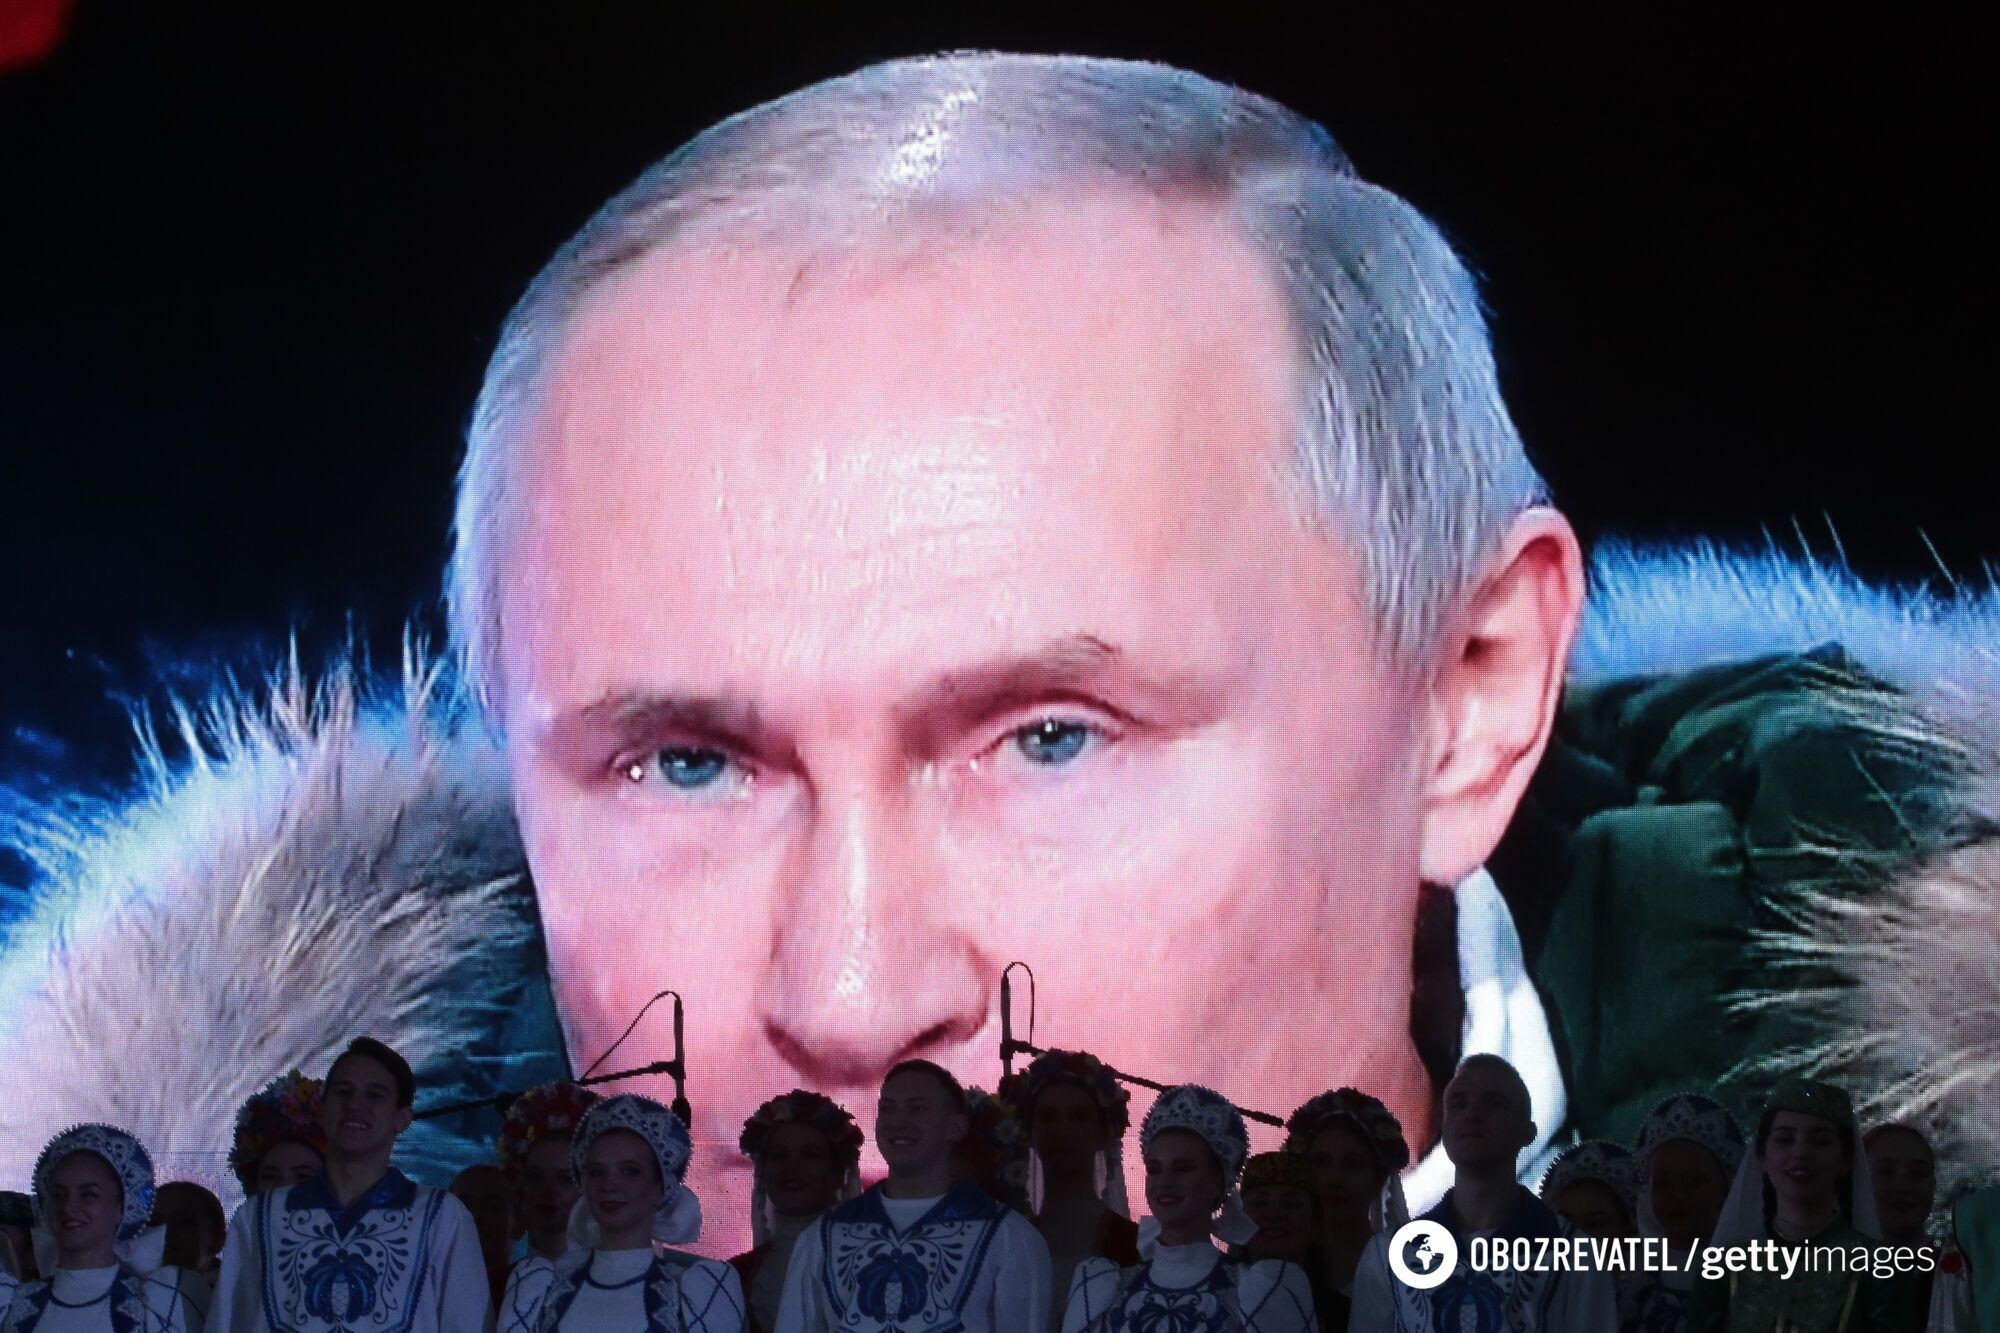 Президент Росії Володимир Путін виступив перед кримчанами з нагоди 7-го року анексії Криму онлайн